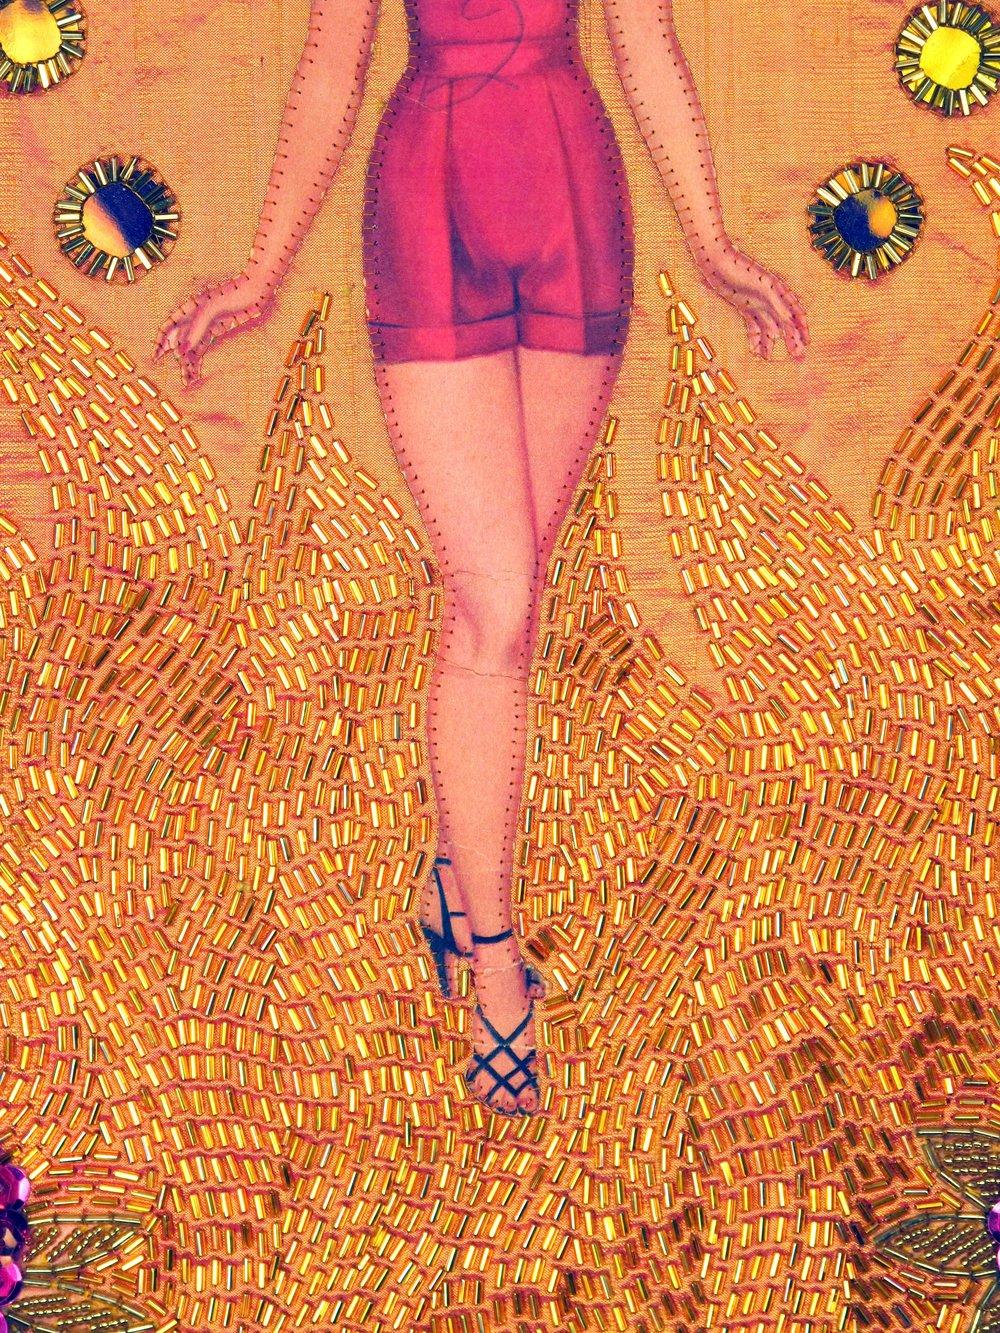 Queen of Heaven (The Resurrection) (detail)